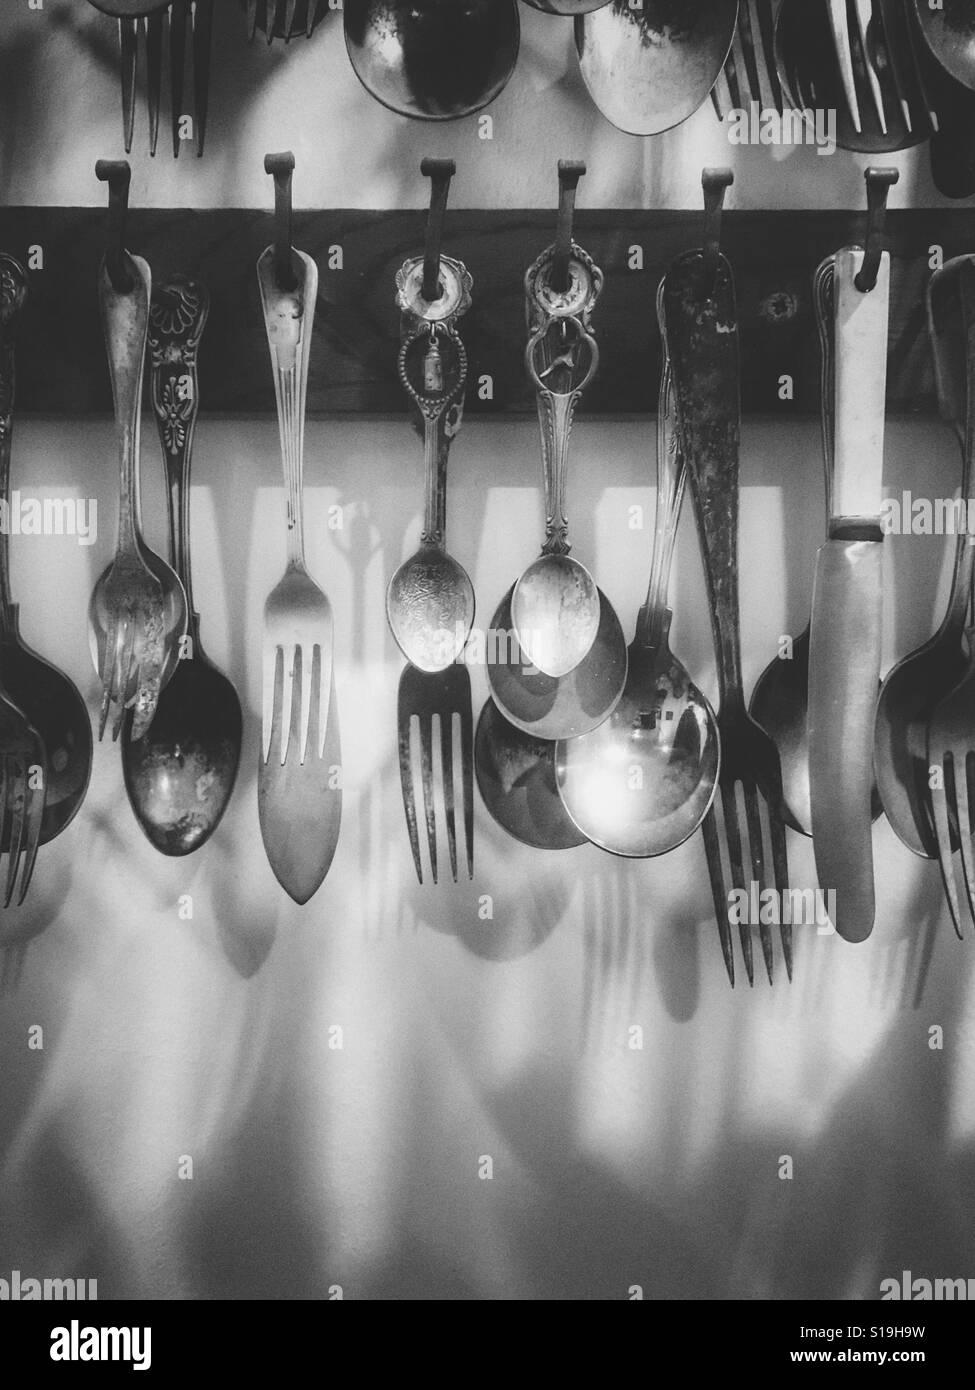 Cuchillos, tenedores y cucharas colgado en una pared. Foto de stock